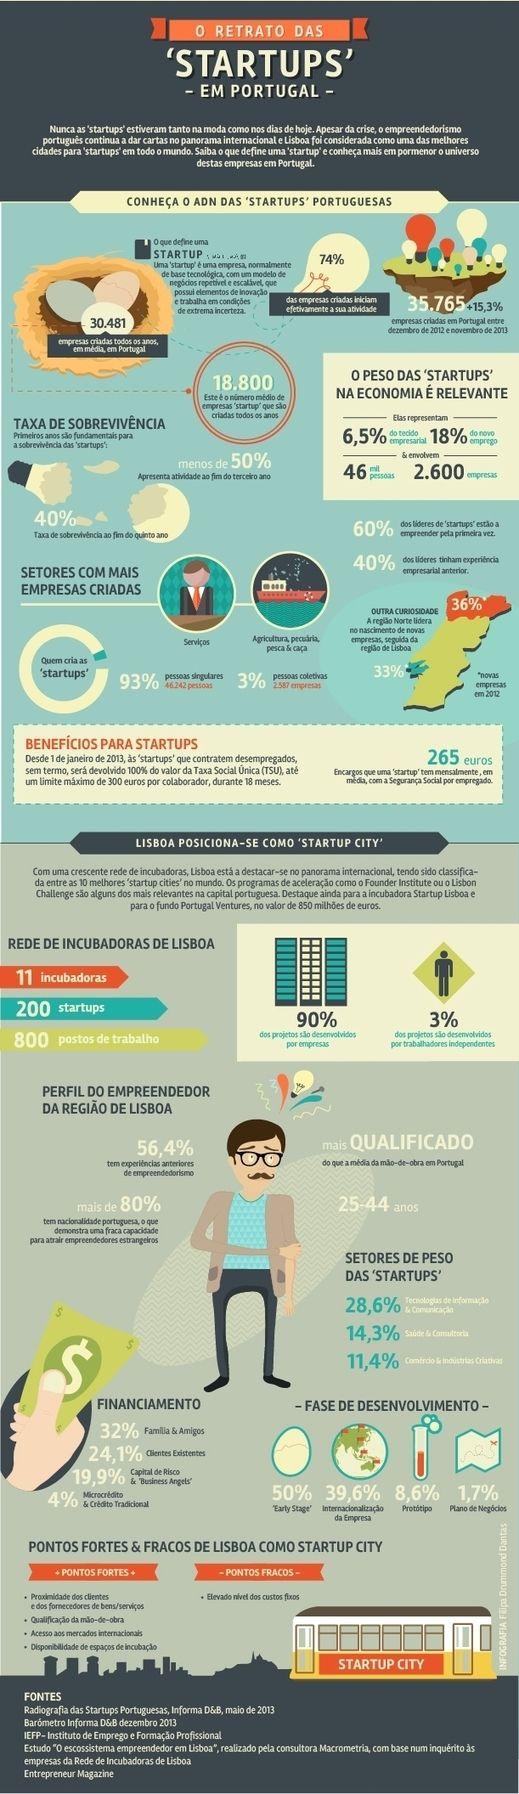 Conheça o universo das startups em Portugal - Saldo Positivo